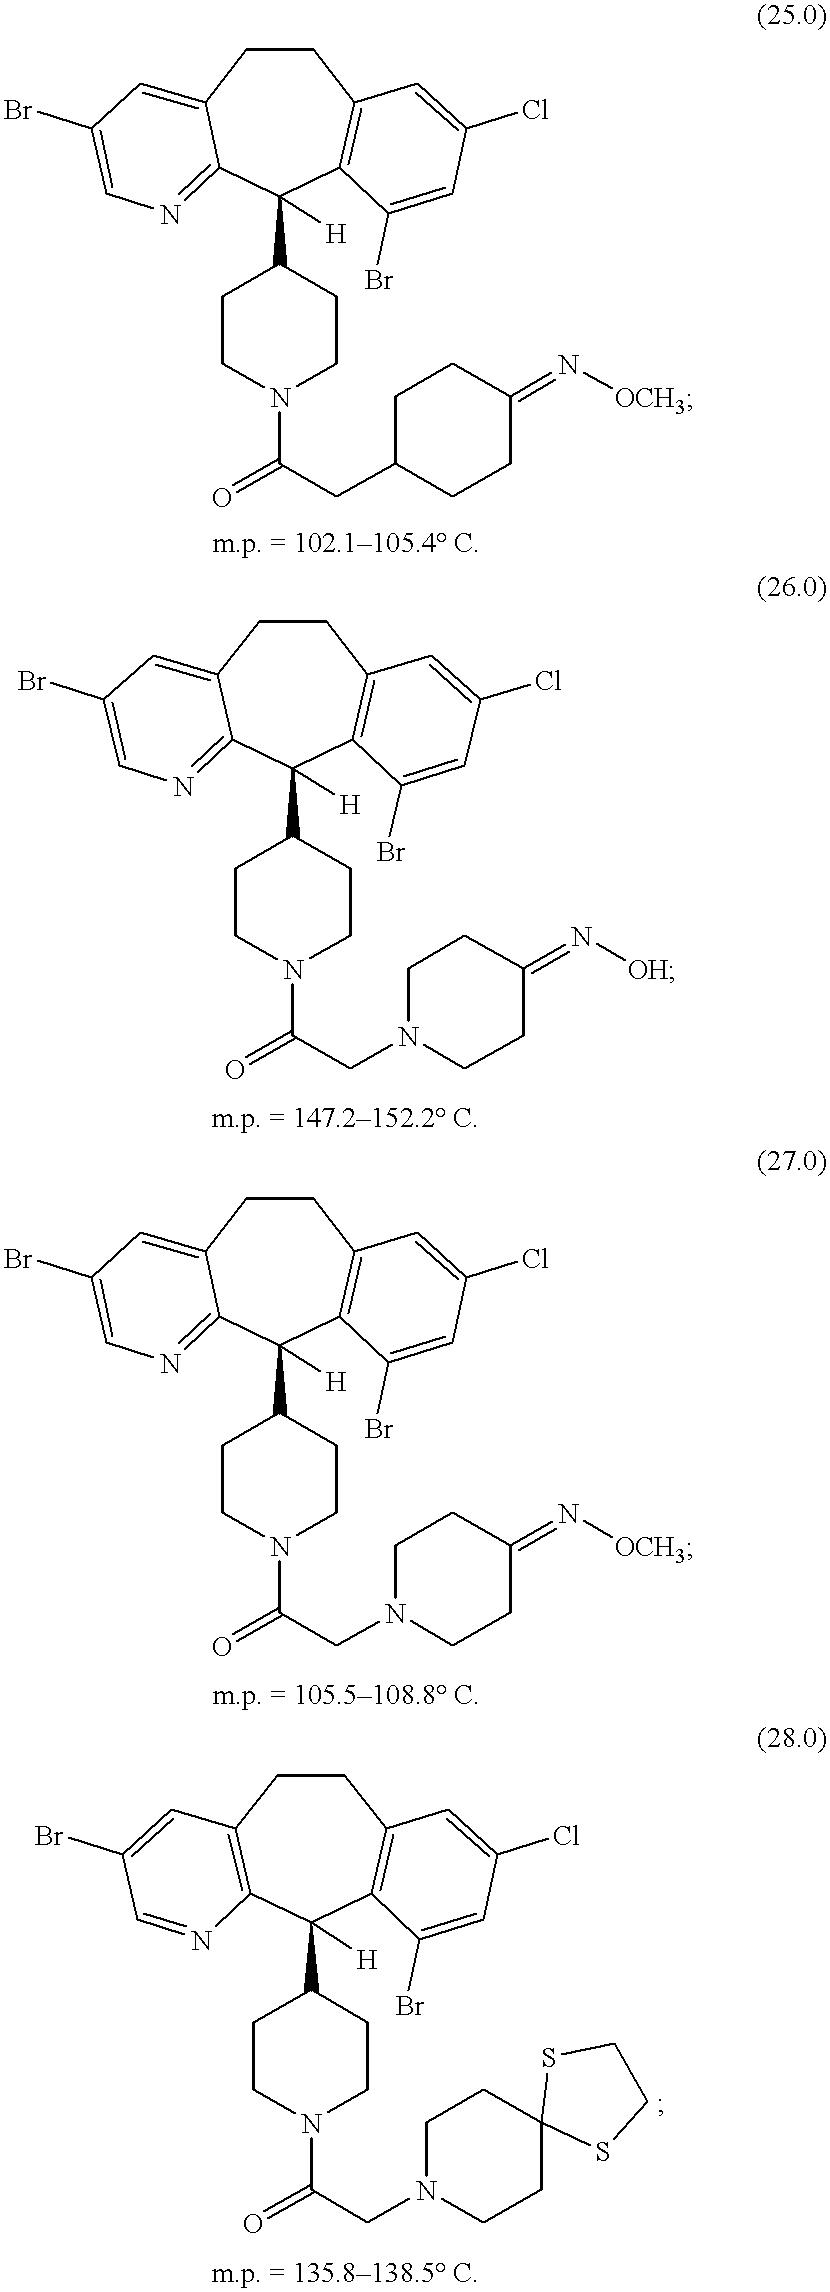 Figure US06211193-20010403-C00023